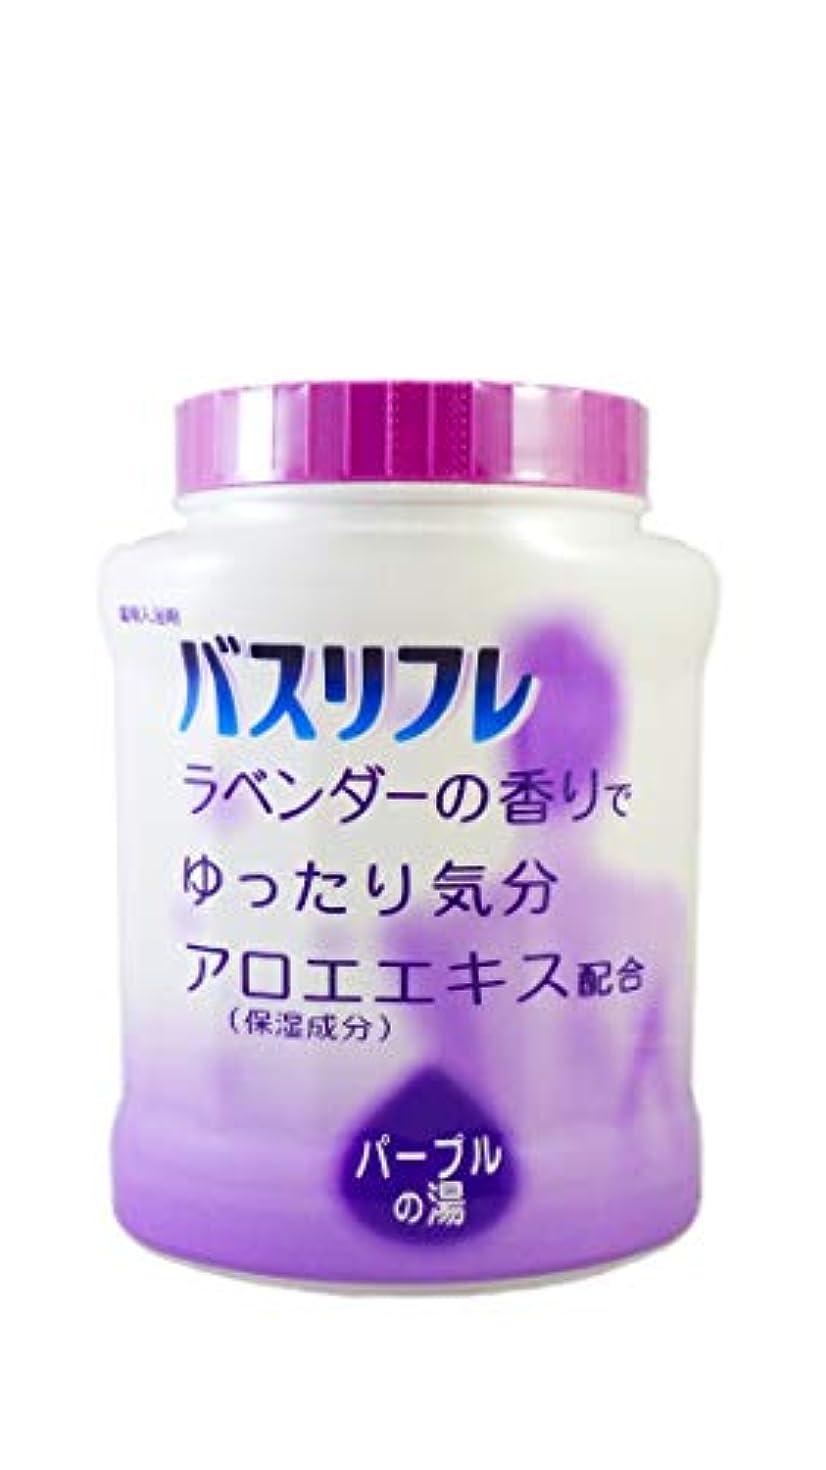 卑しい日曜日反乱バスリフレ 薬用入浴剤 パープルの湯 ラベンダーの香りでゆったり気分 天然保湿成分配合 医薬部外品 680g